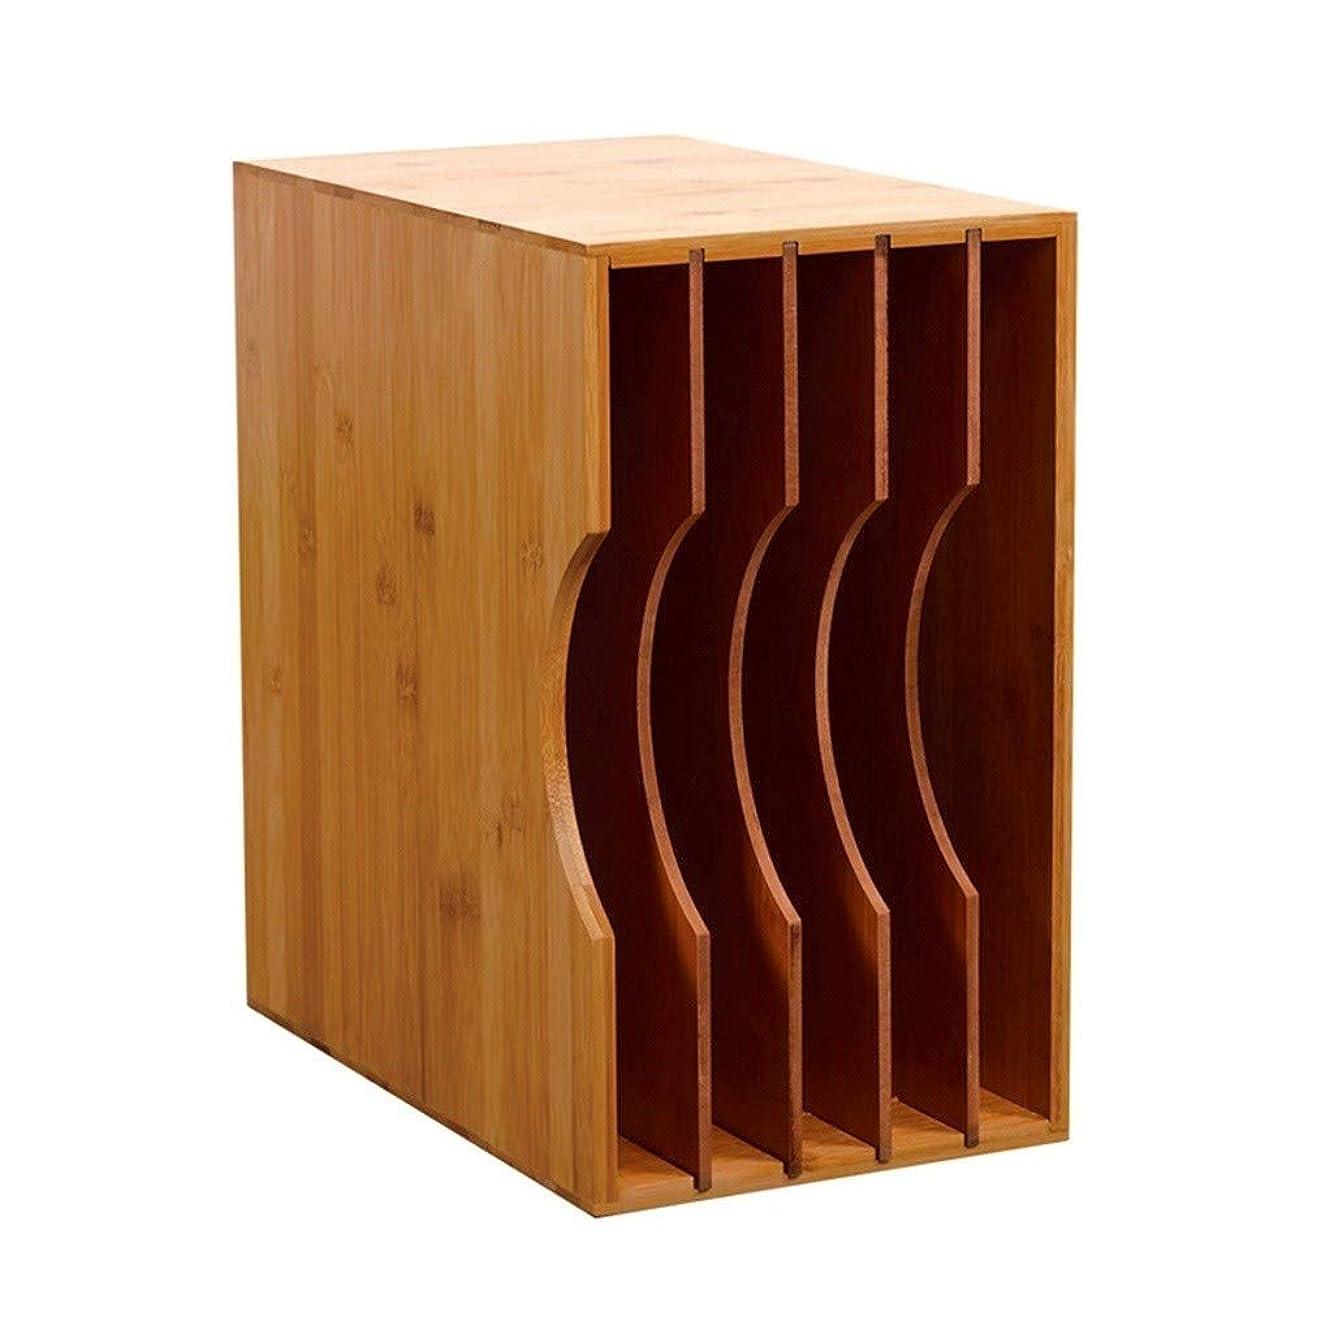 ジュニア湖比較スプリットフォーマット木製LPラック、オフィスラウンジクラブハウスビニールレコードディスプレイスタンド - Msのコーヒーショップアフタヌーンティーミュージックのレコードストレージボックス (Color : Wood color, Size : Storage 50 vinyl records)